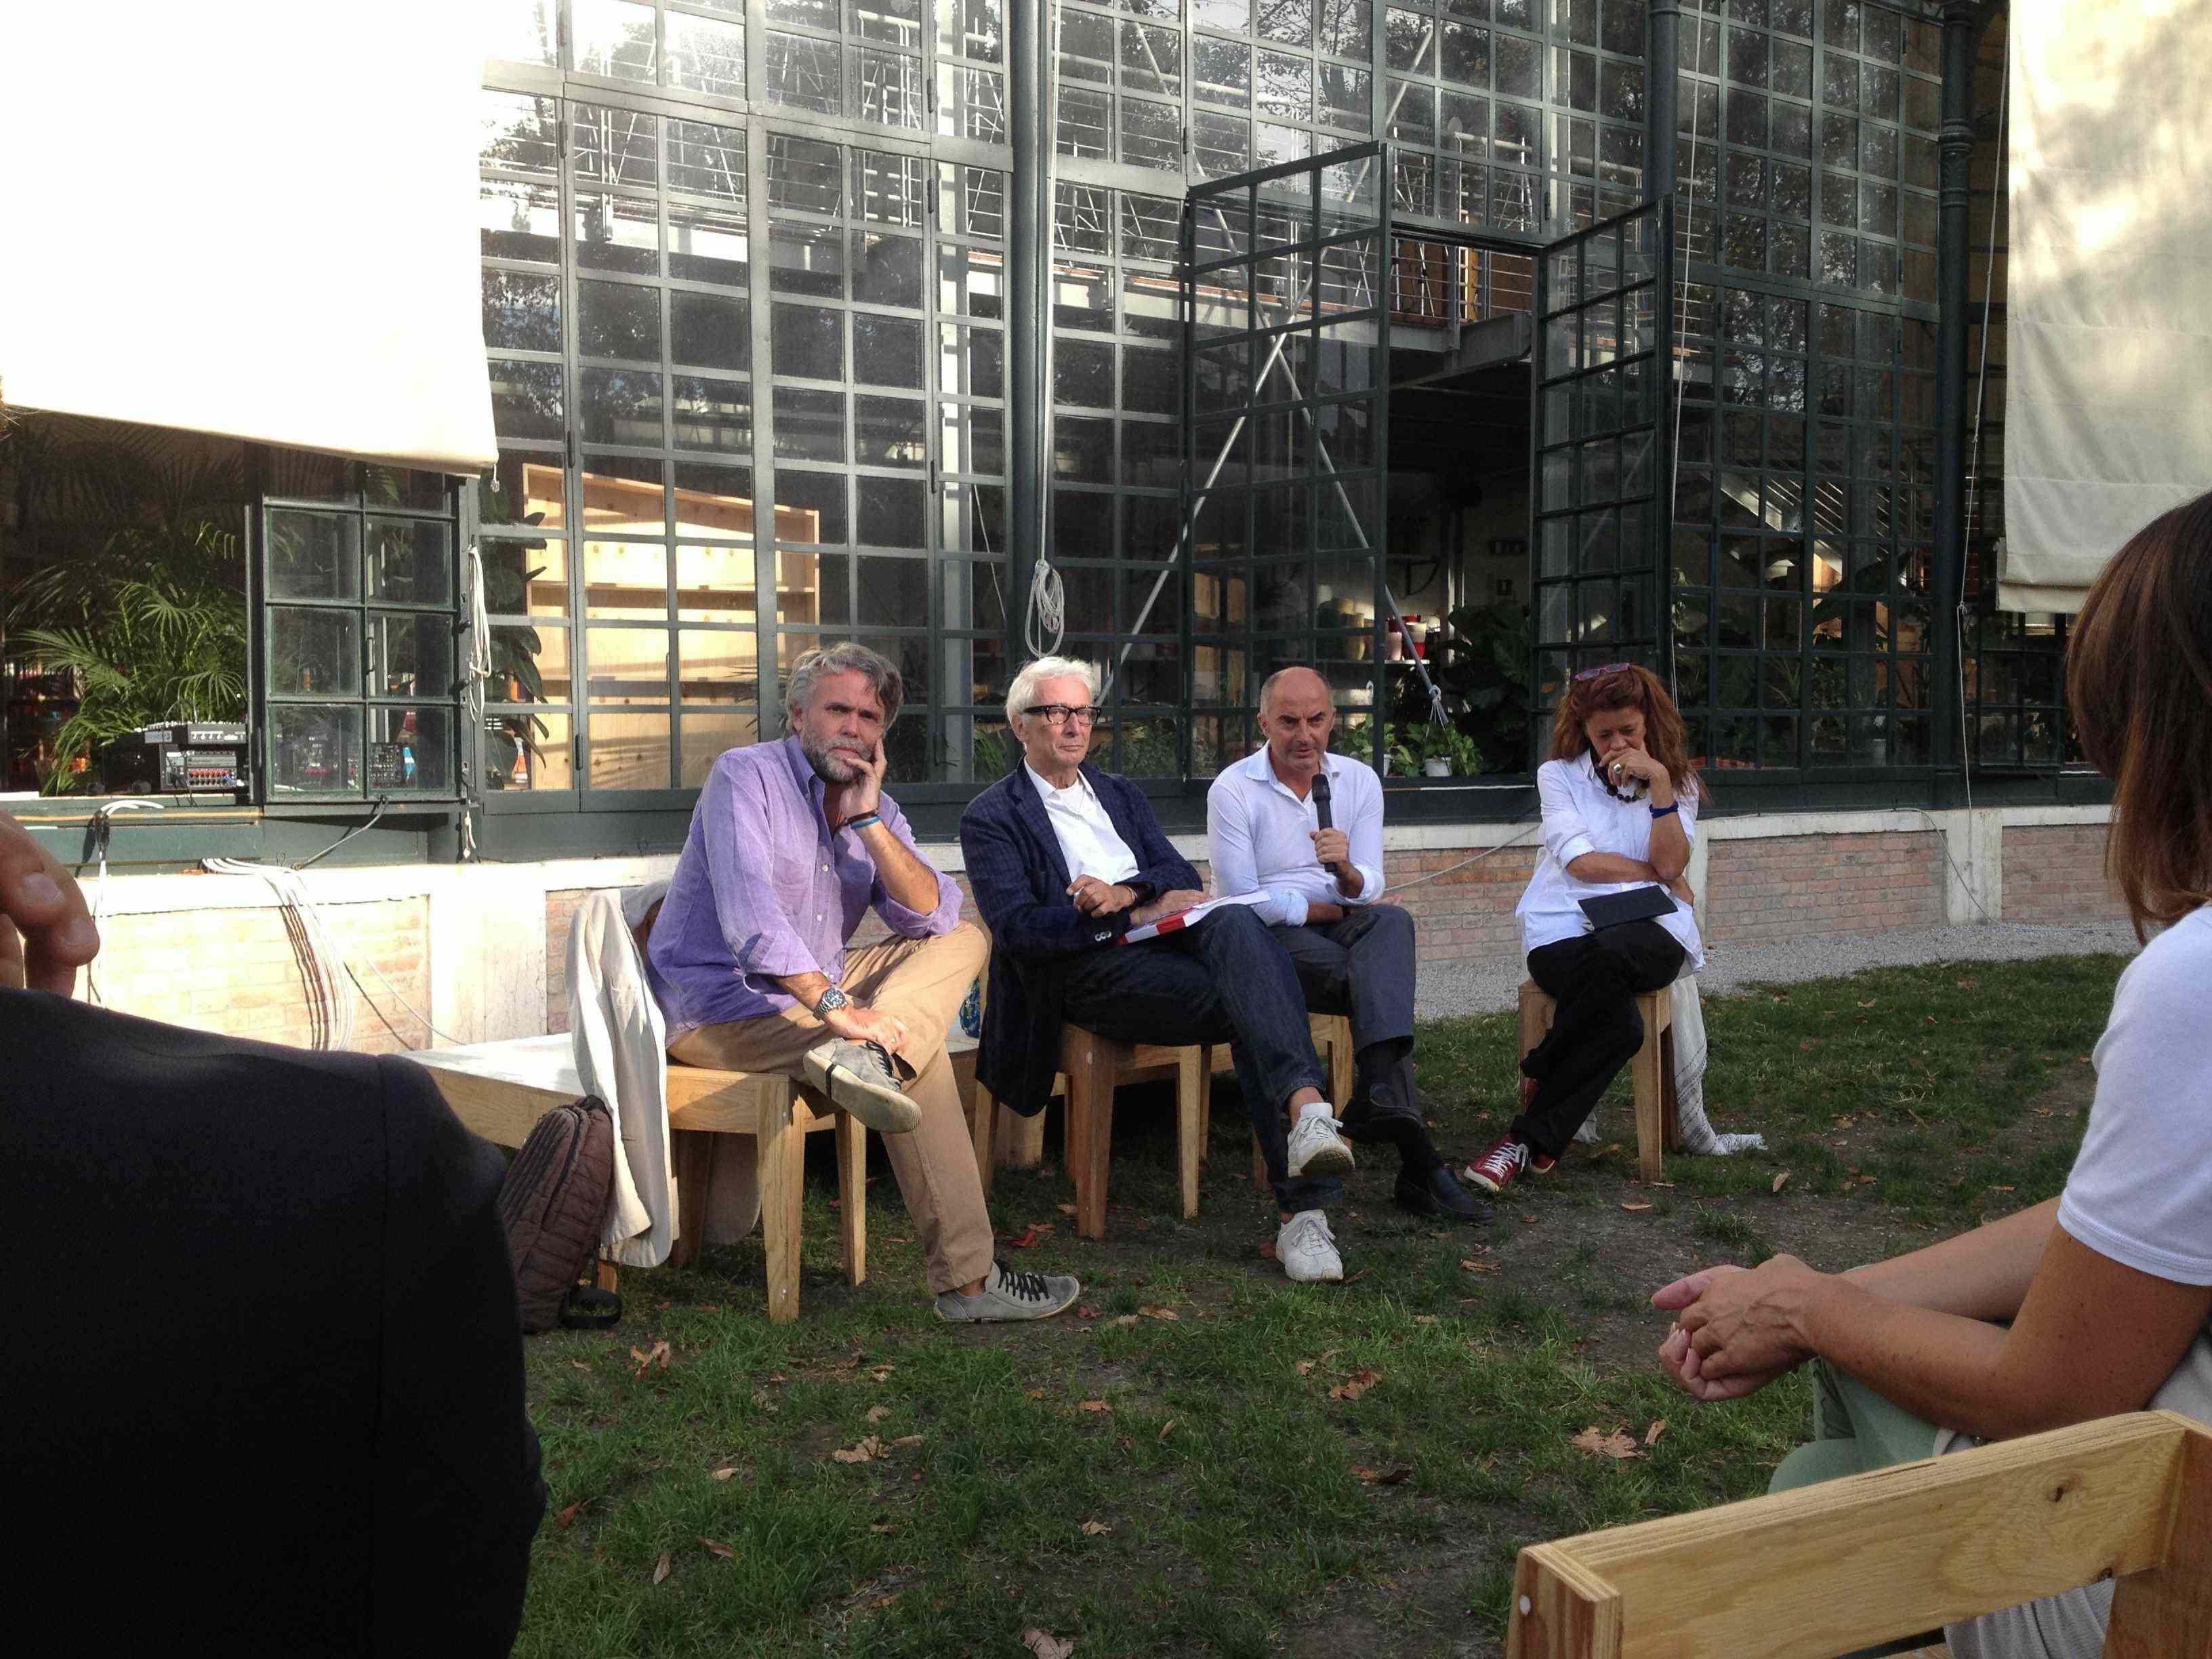 a better world, biennale di venezia 2012, Linda Gobbi, Stefano Micelli, Giovanni Lanzone, Francesco Morace